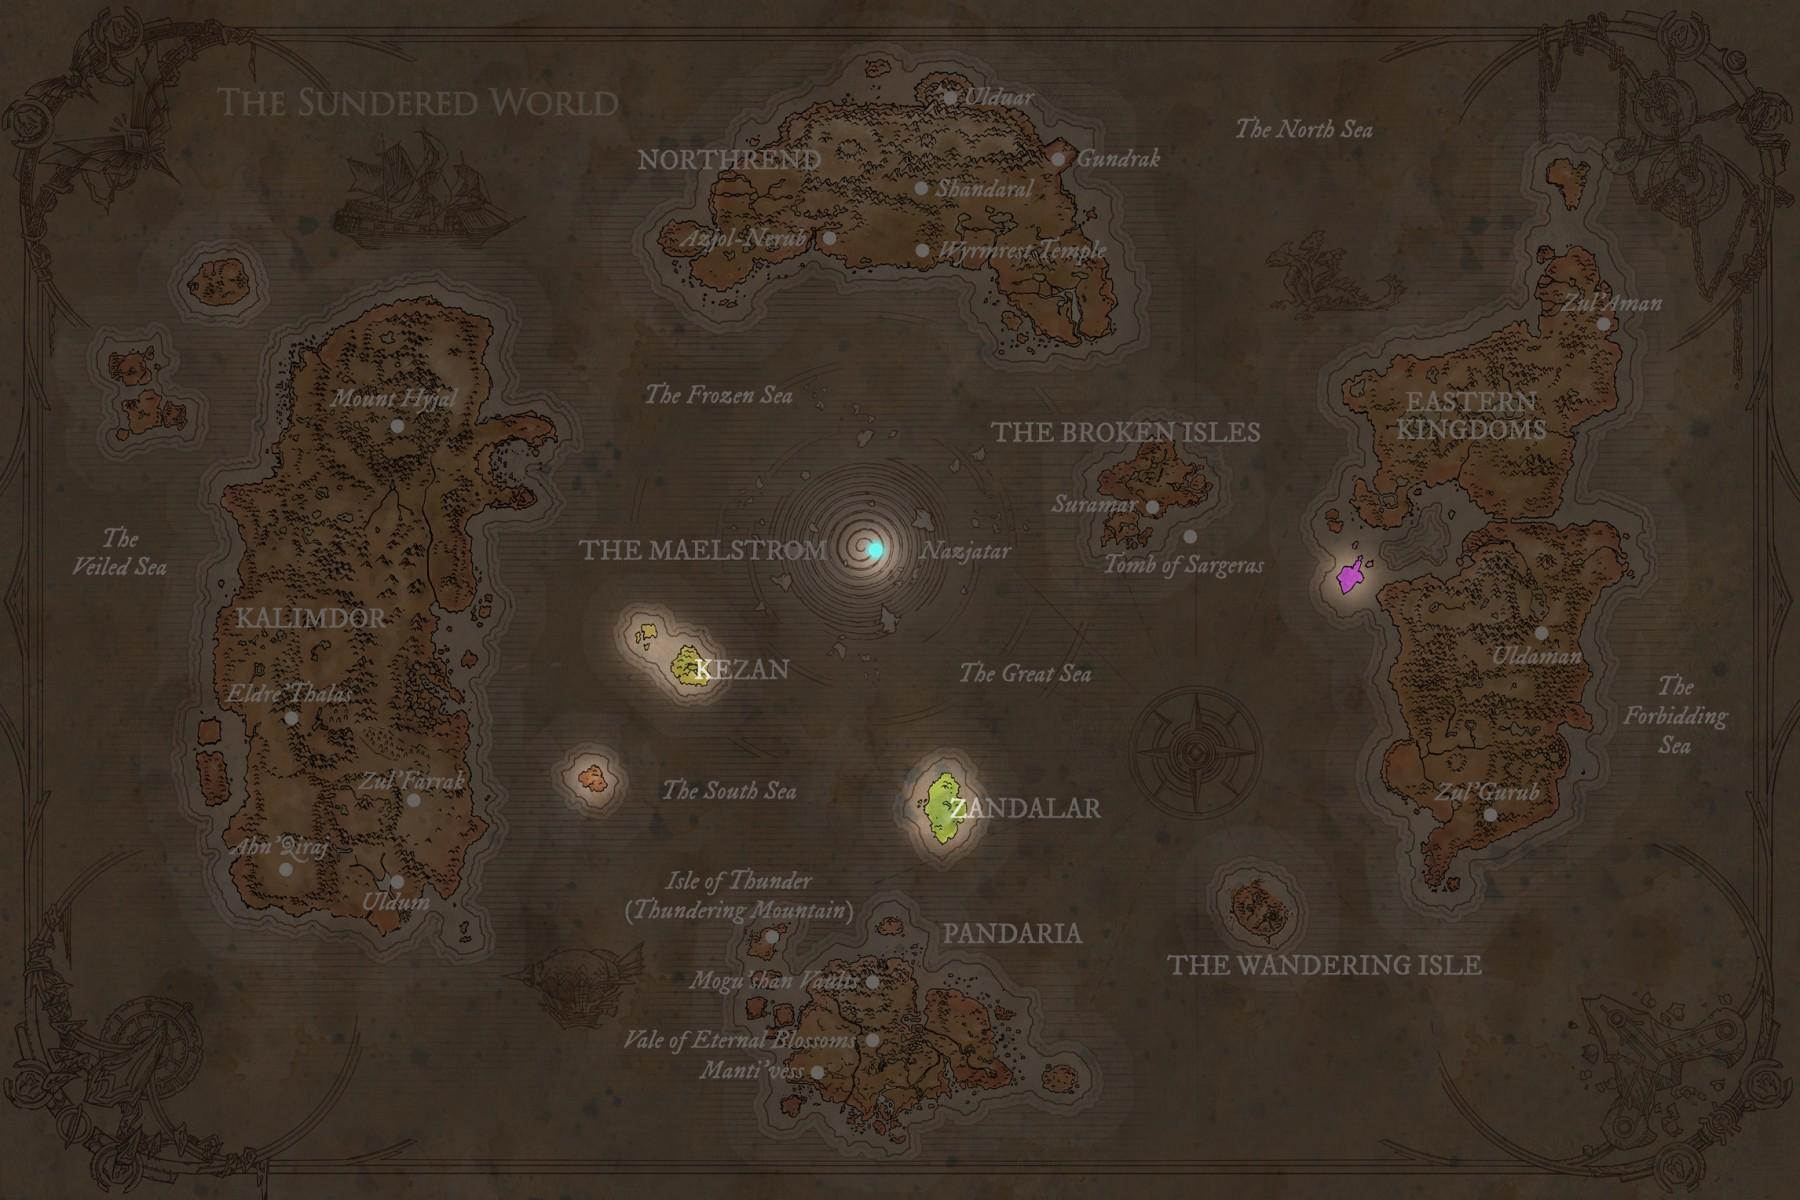 Carte d'Azeroth après la Fracture, avant le Cataclysme